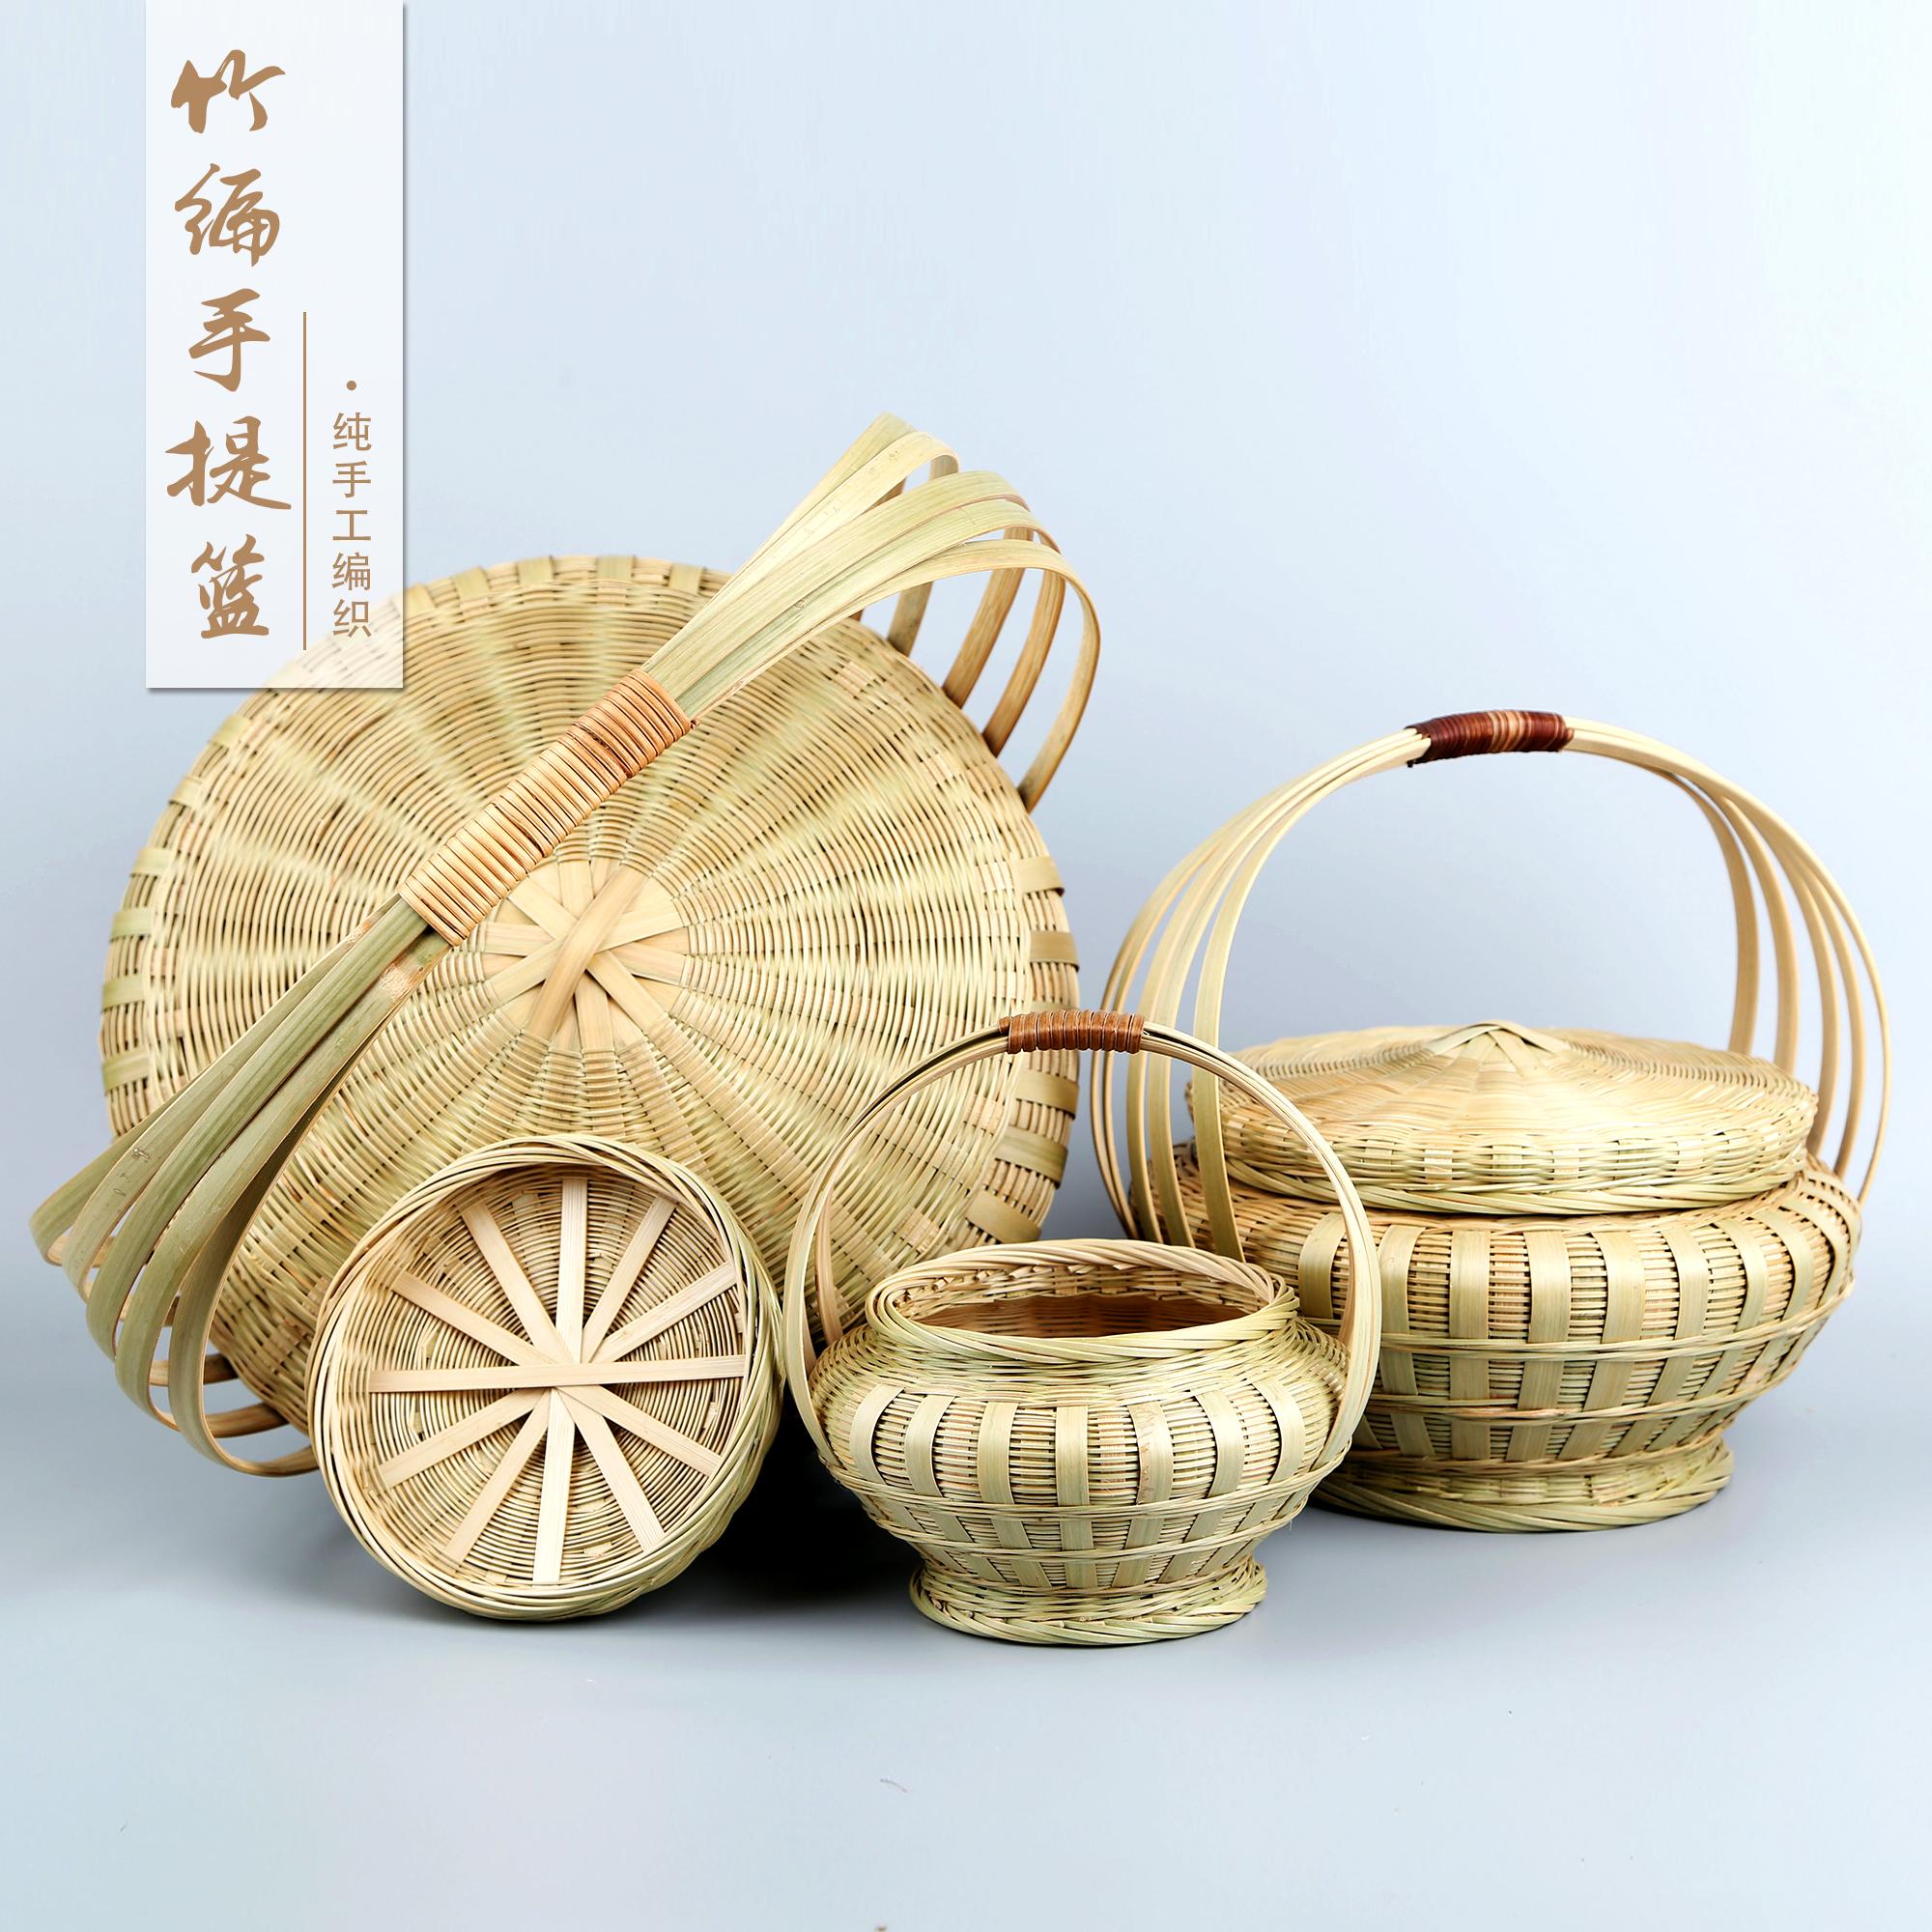 竹编小提篮 野炊户外小篮子收纳小竹篮点心篮网格提手篮演出道具